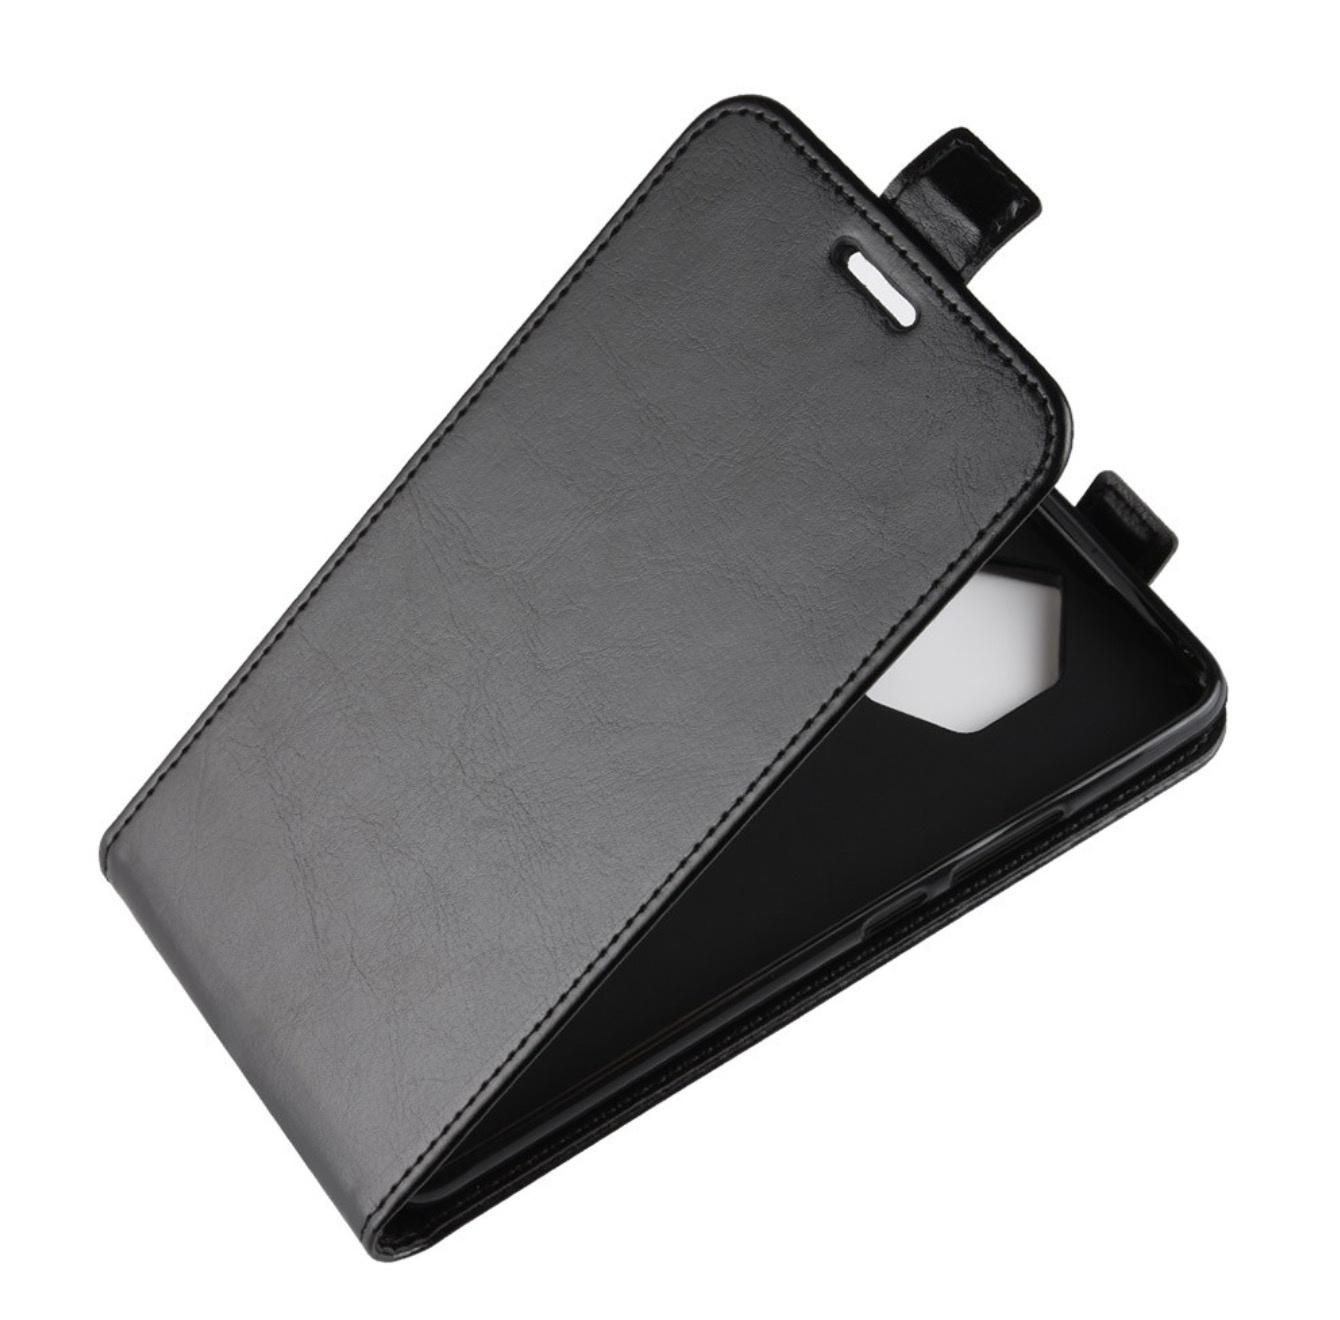 Чехол-флип MyPads для Nokia Lumia 520 вертикальный откидной черный